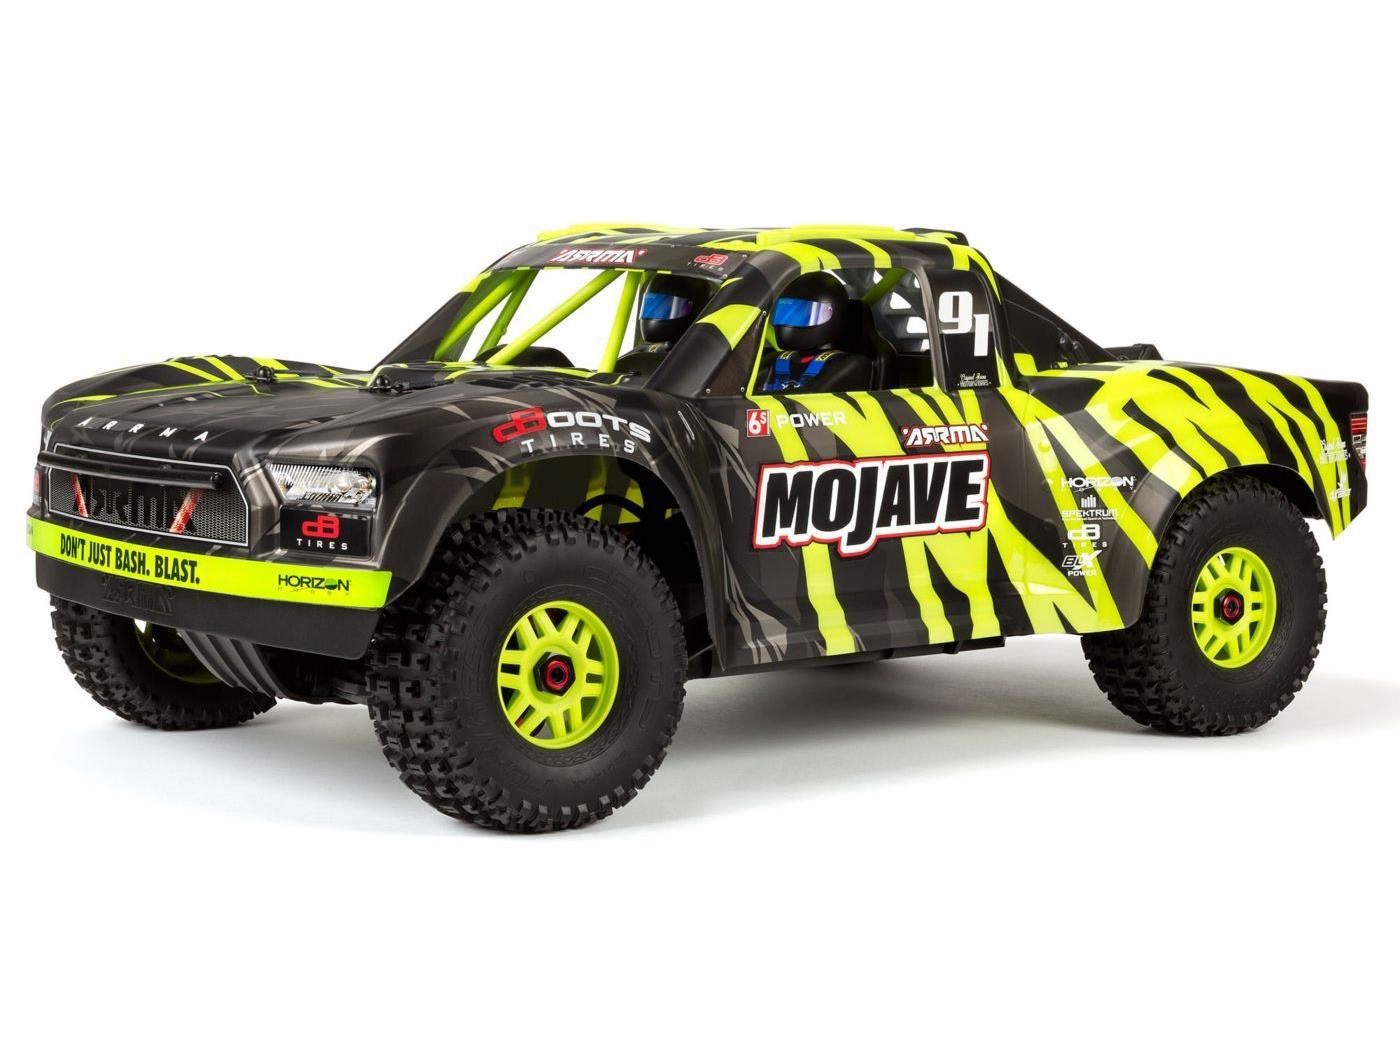 Arrma Mojave 6S BLX 1/7 Desert Truck Blk/Grn